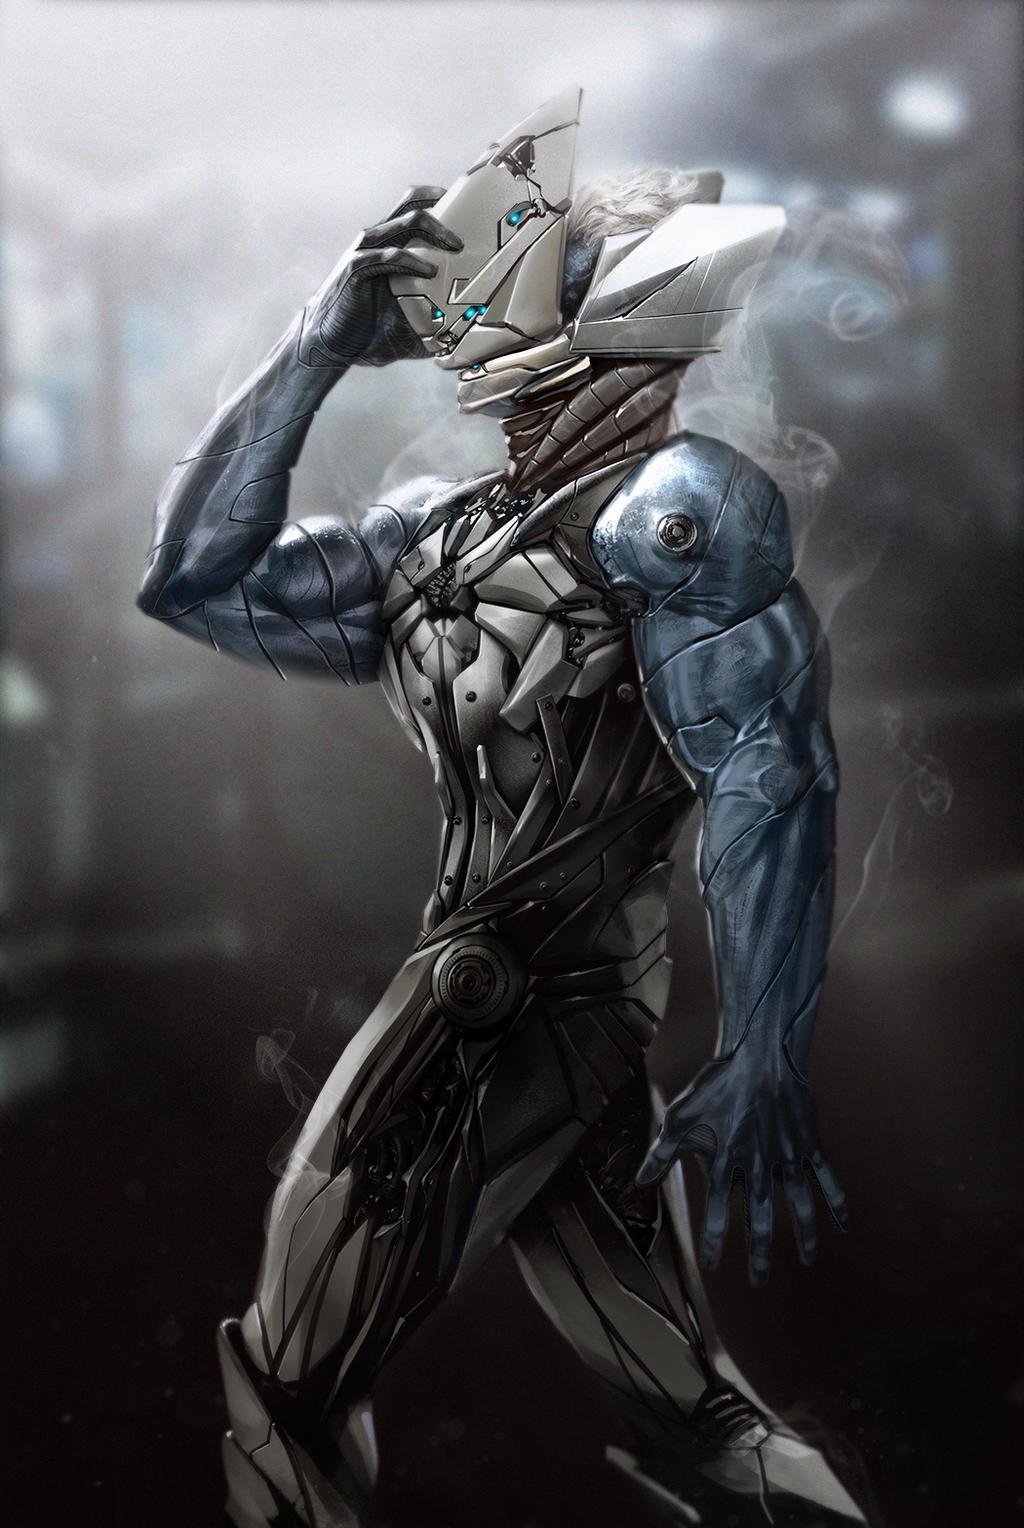 Birth of a Cyborg by reau